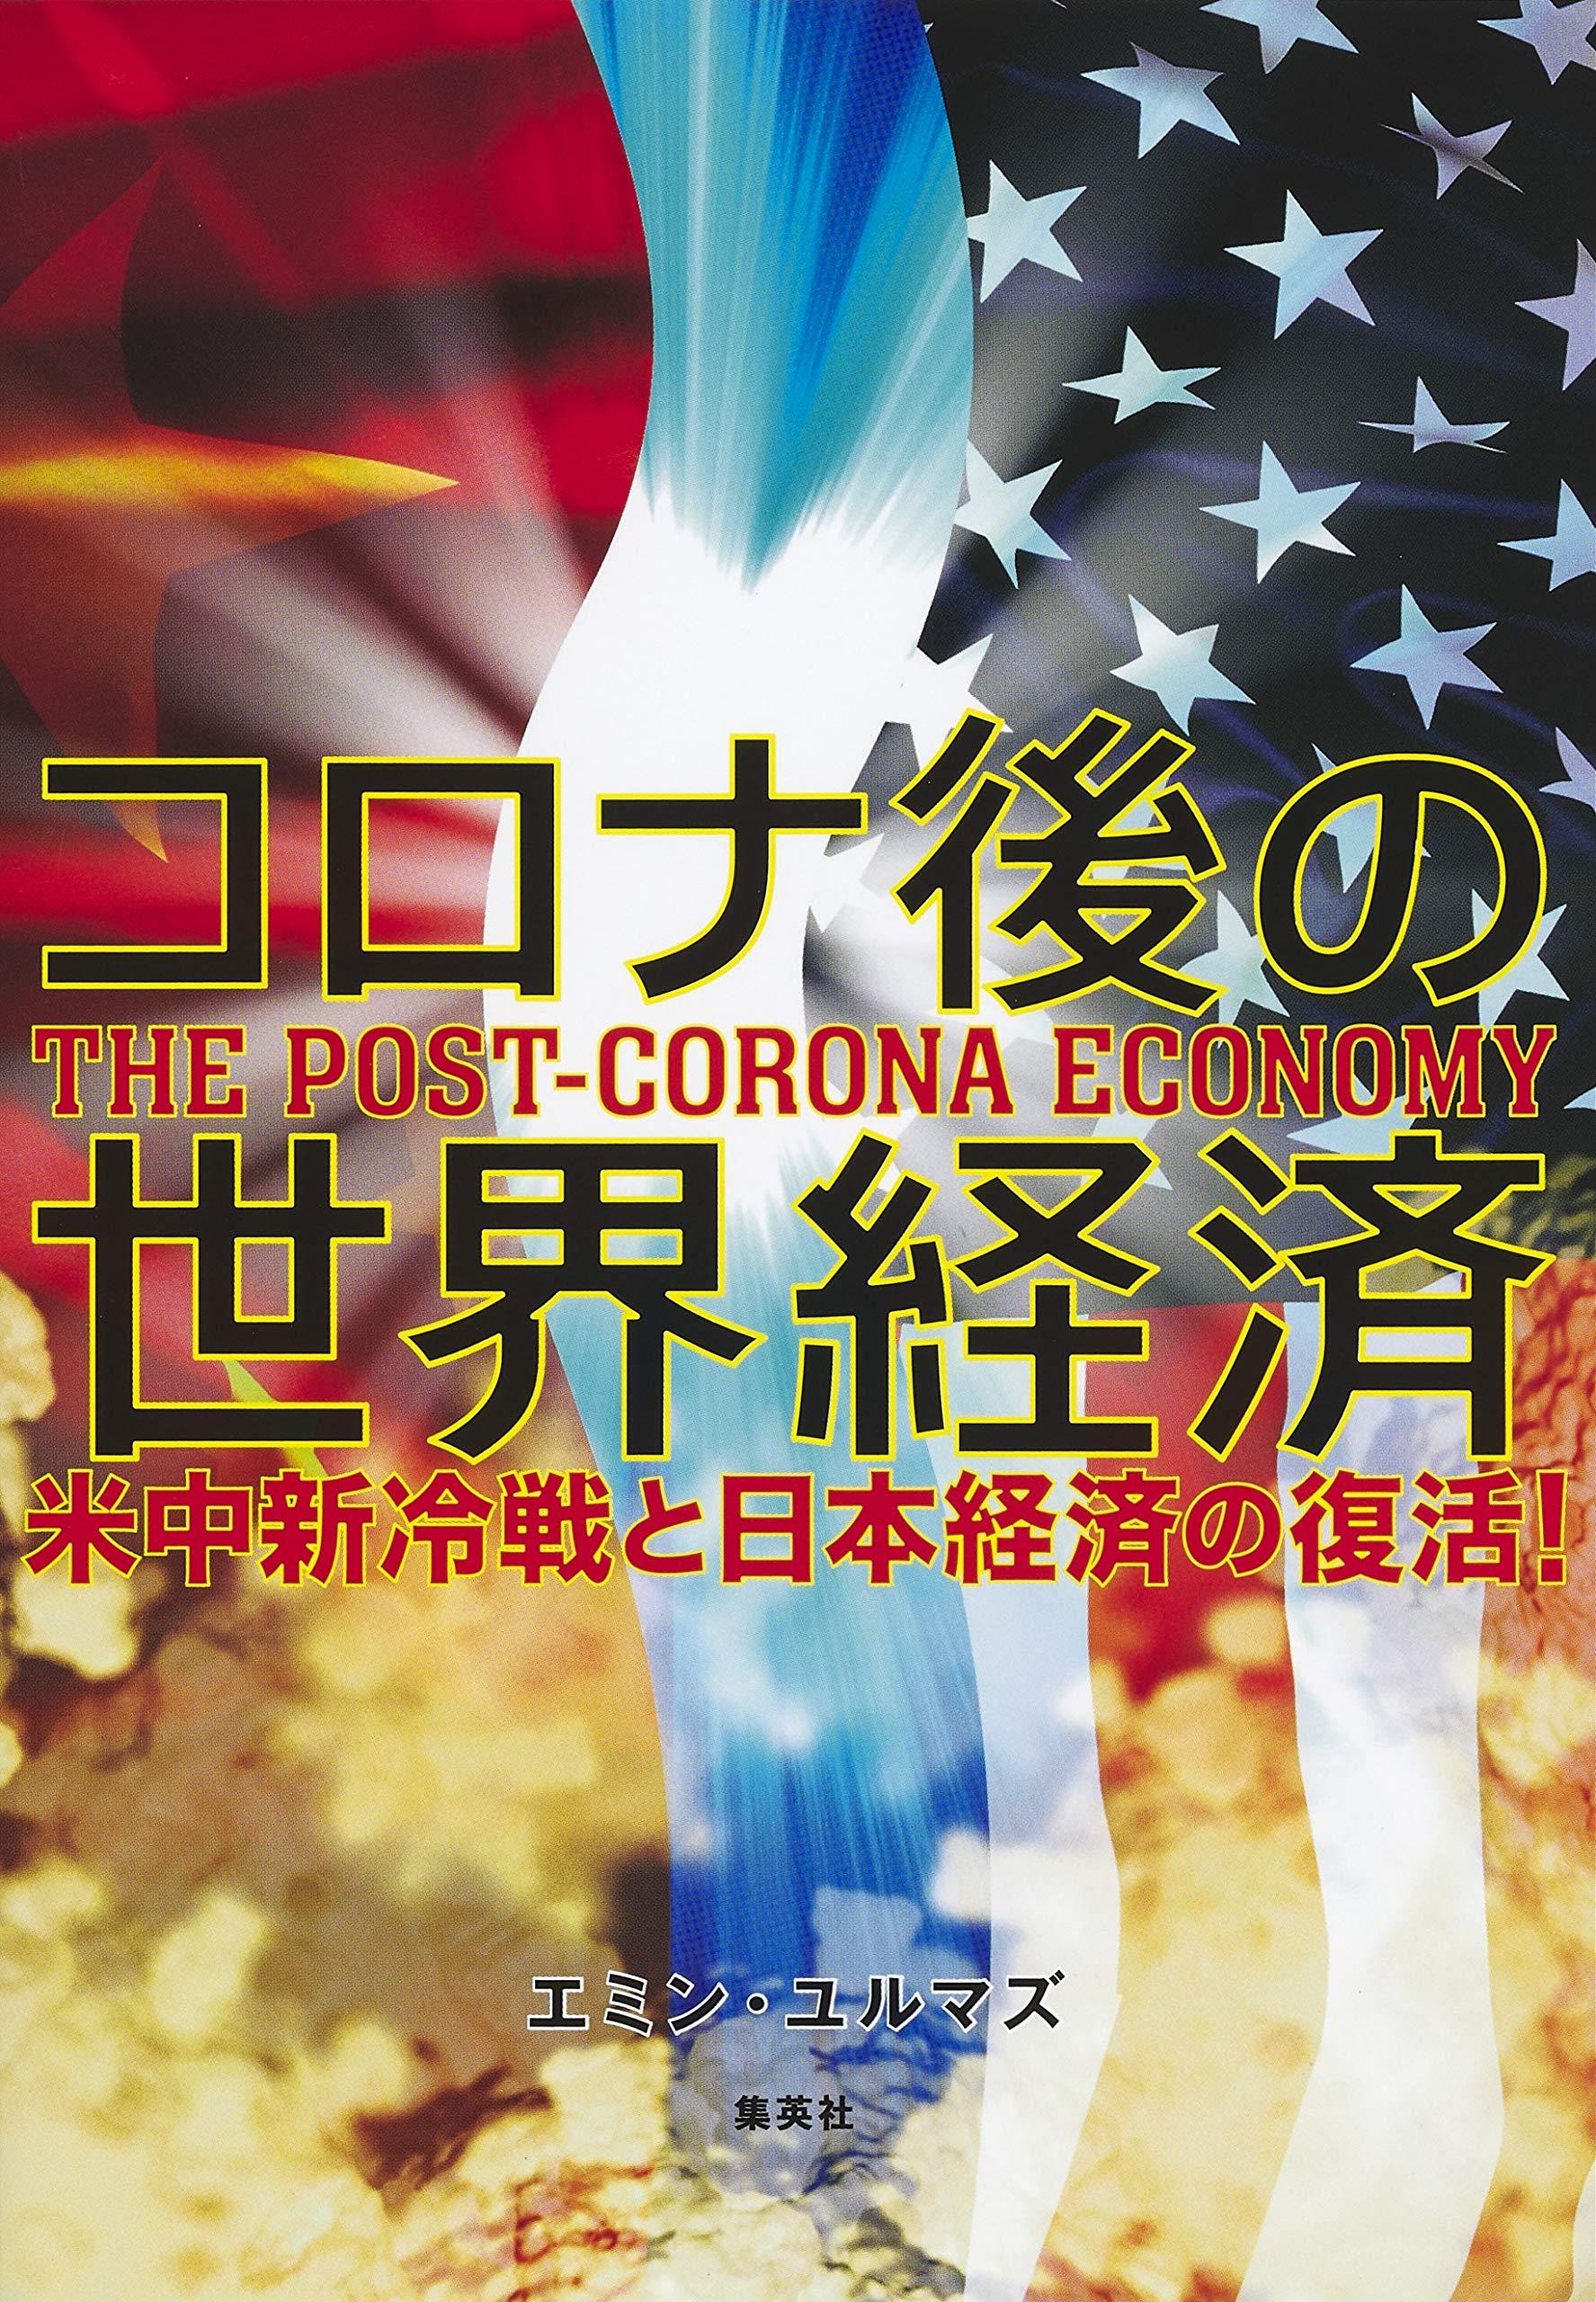 経済 コロナ 日本 コロナショックで日本の失業率は6%突破、戦後最悪シナリオの中身